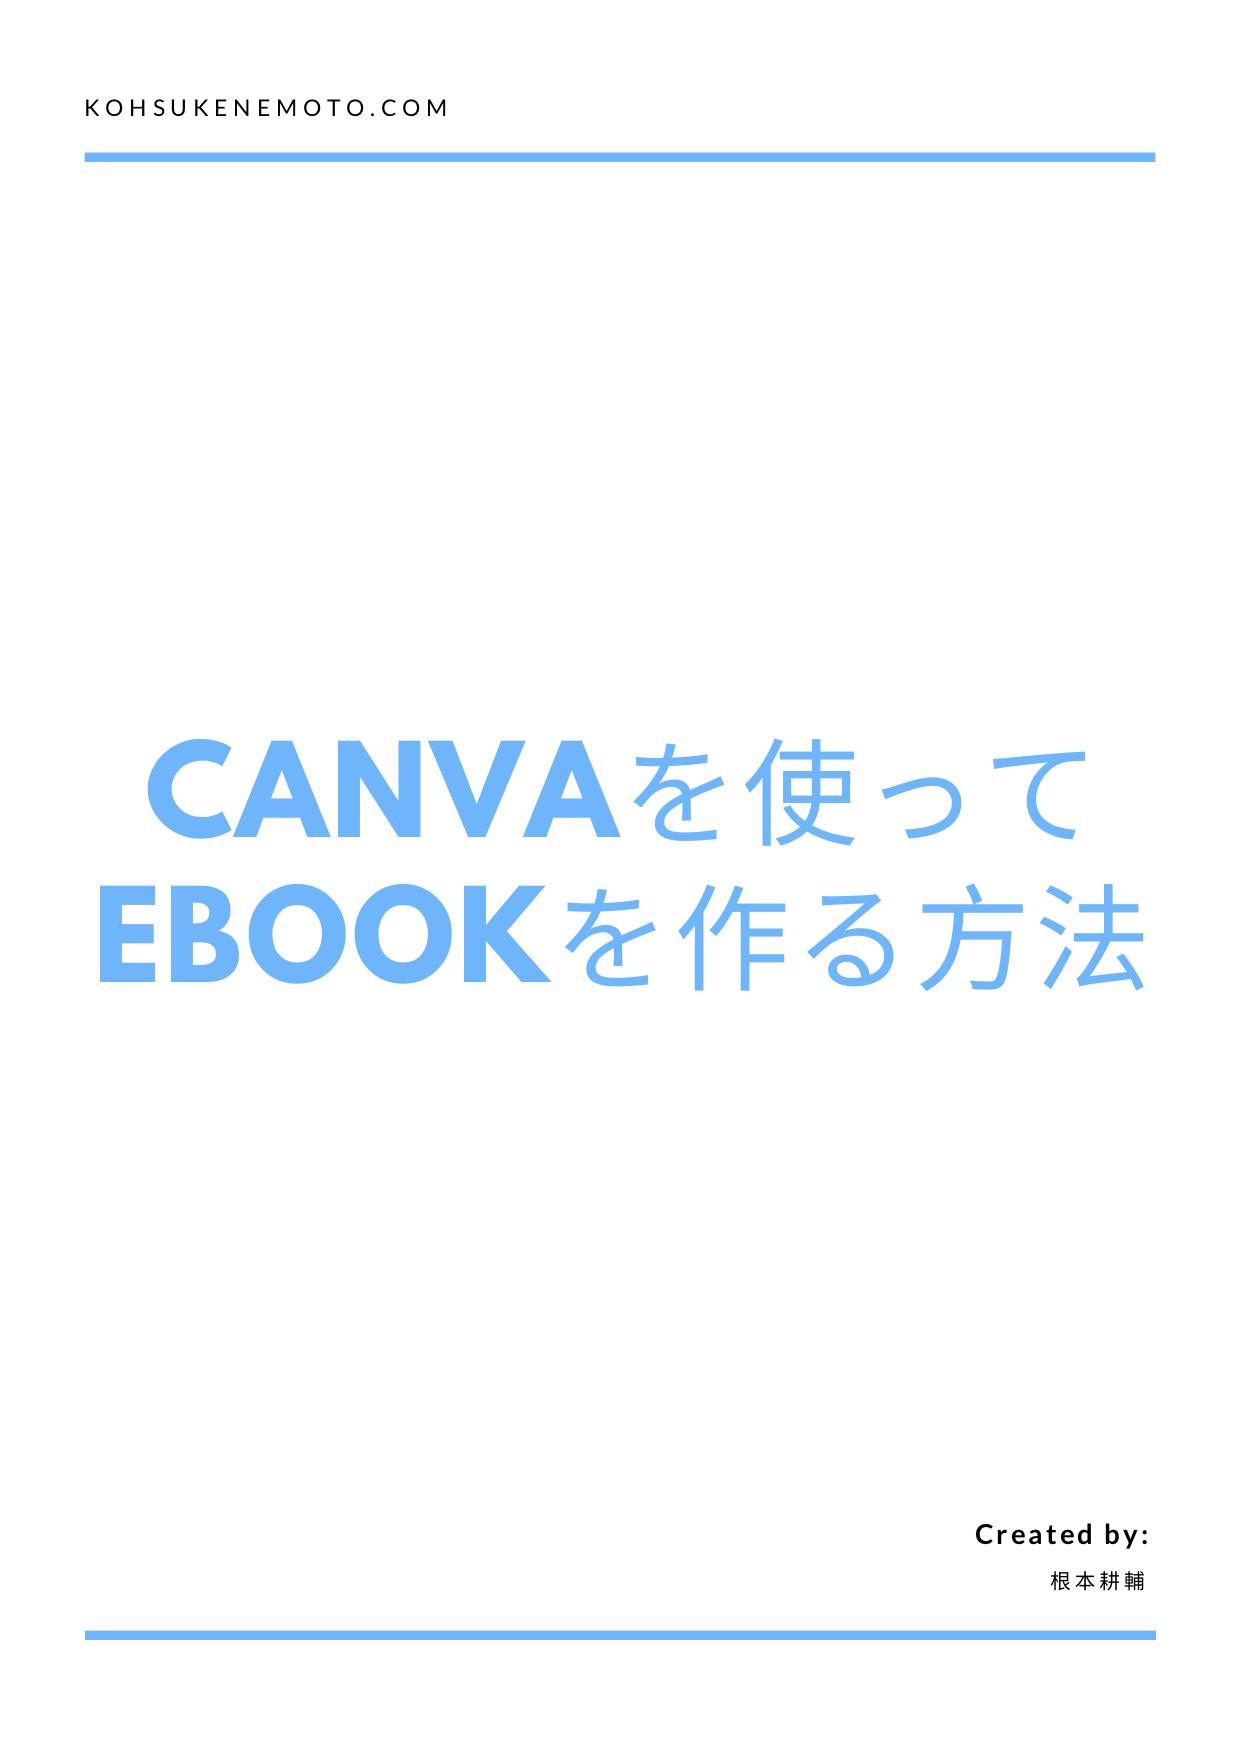 Canvaを使ってeBookを作る方法